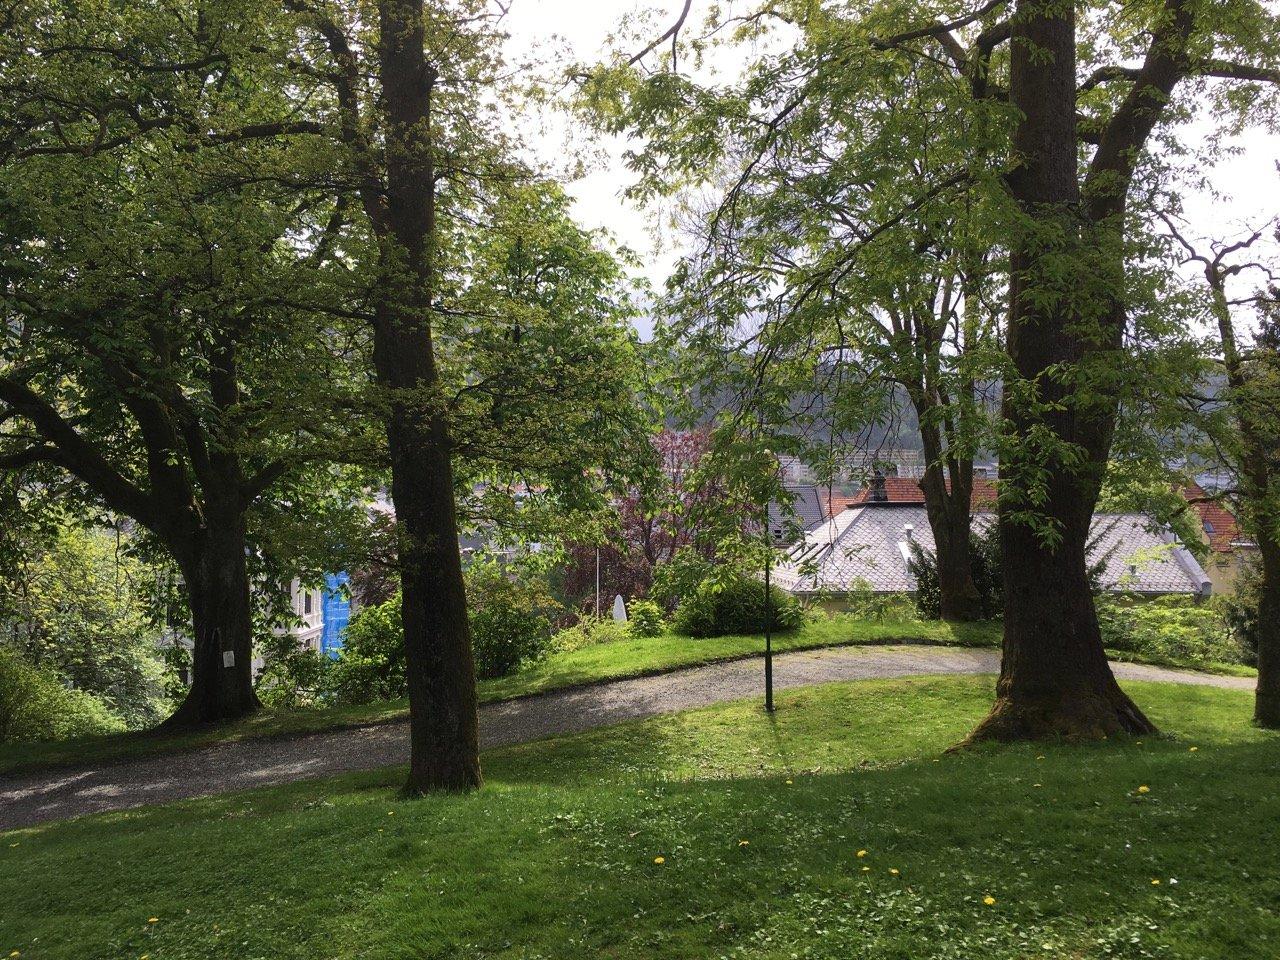 Nygårdsparken, Møhlenpris